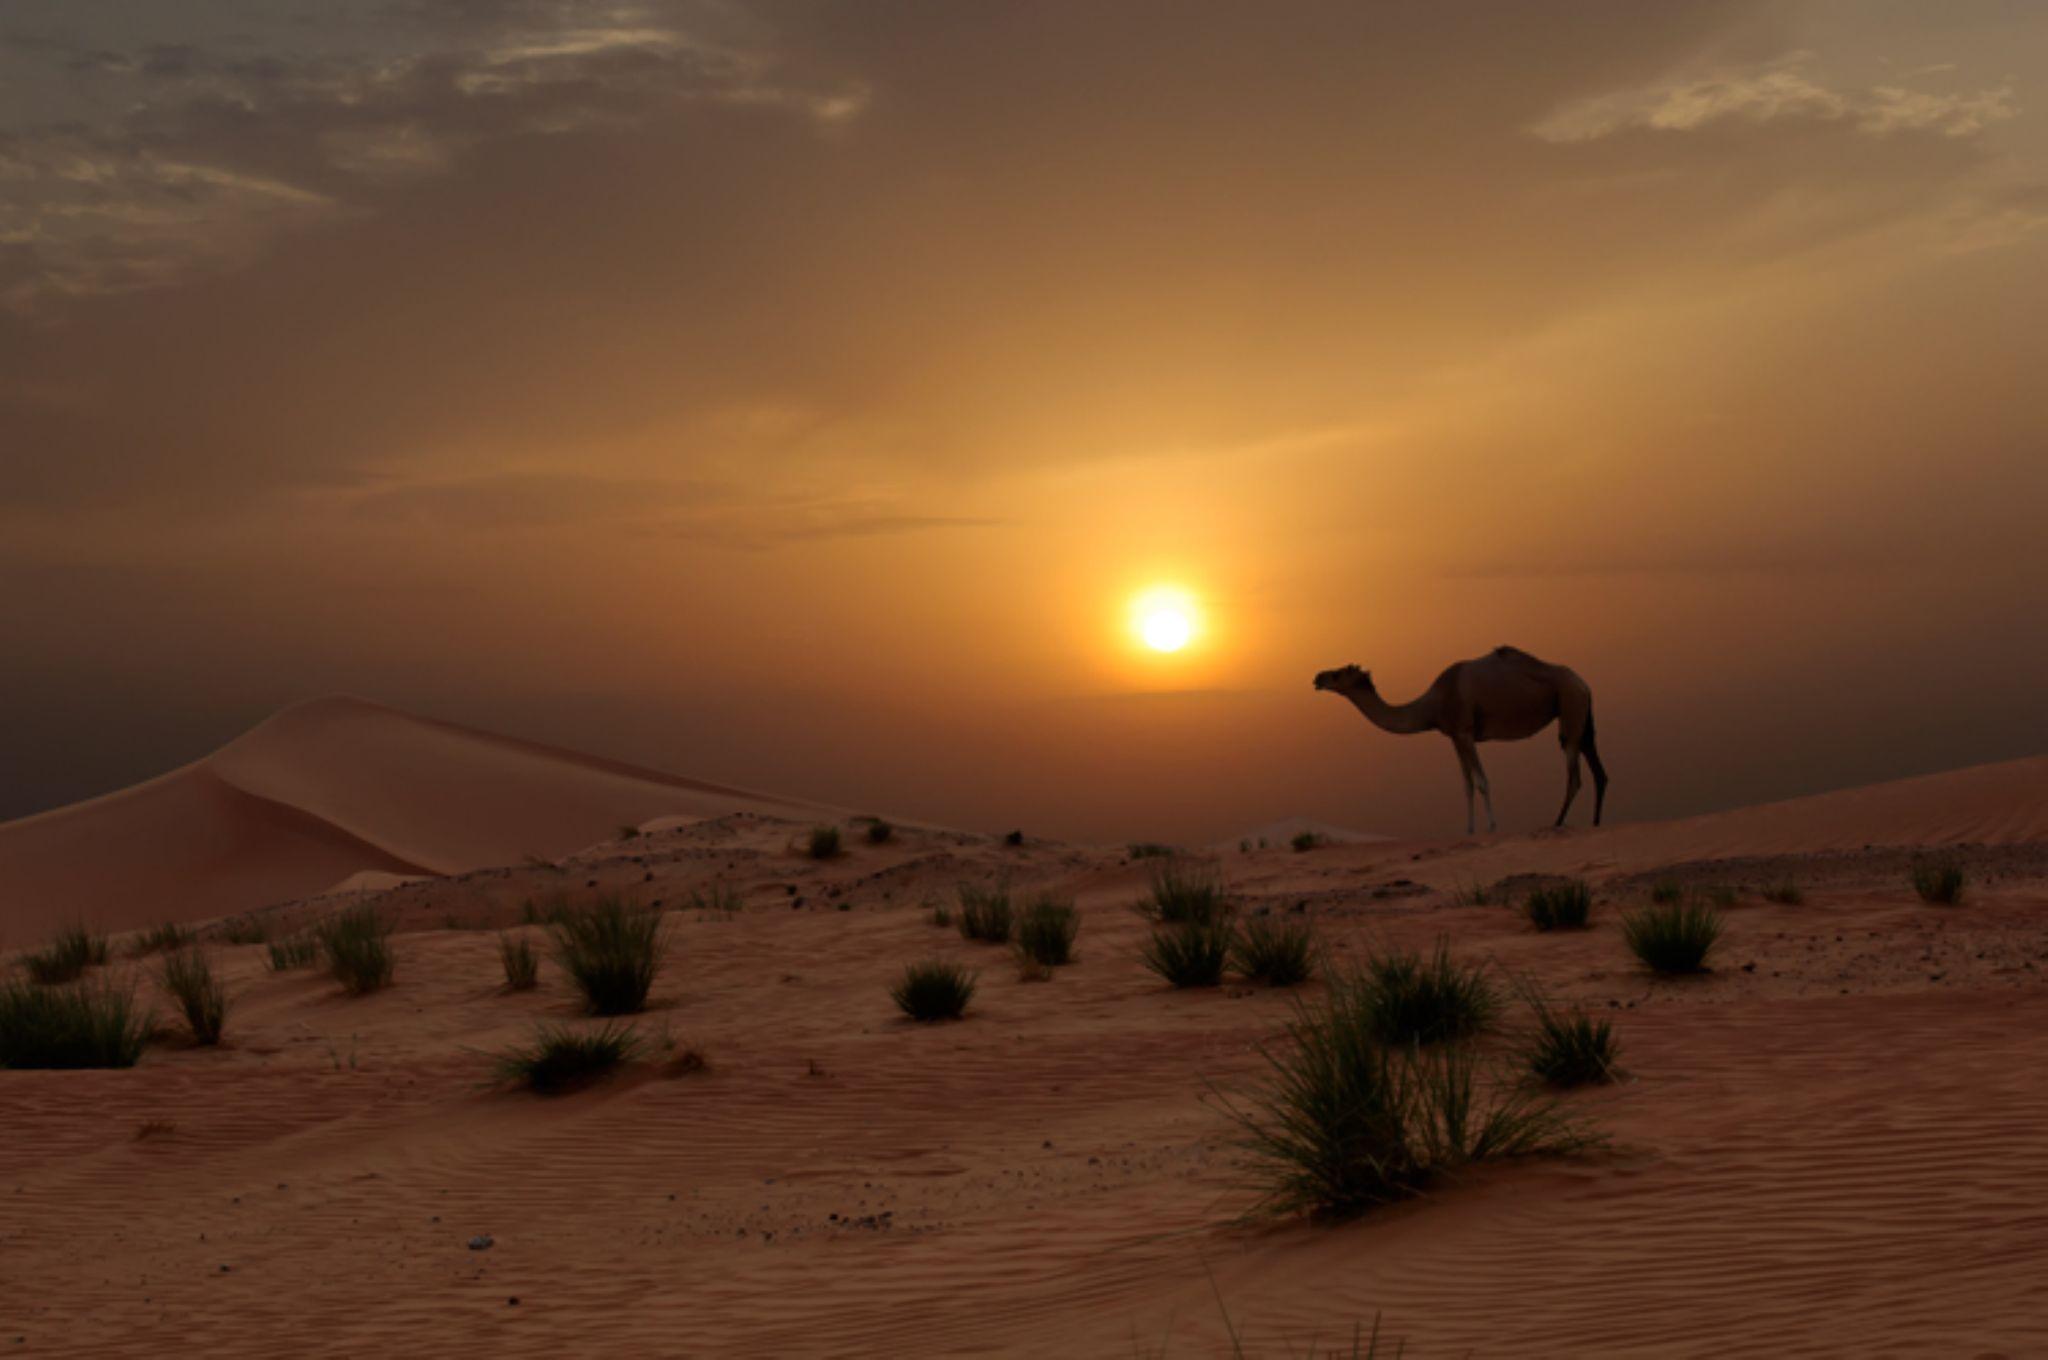 Camel in the Desert by muznabutt